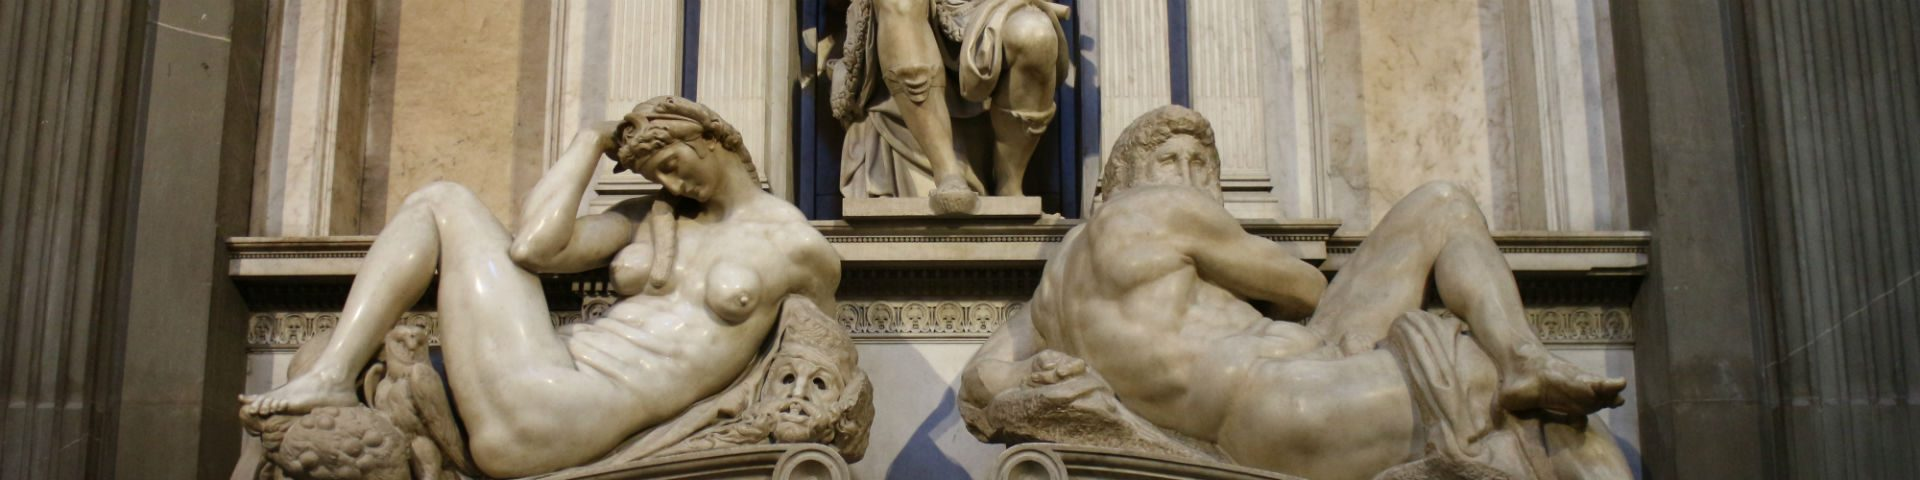 Medici tour